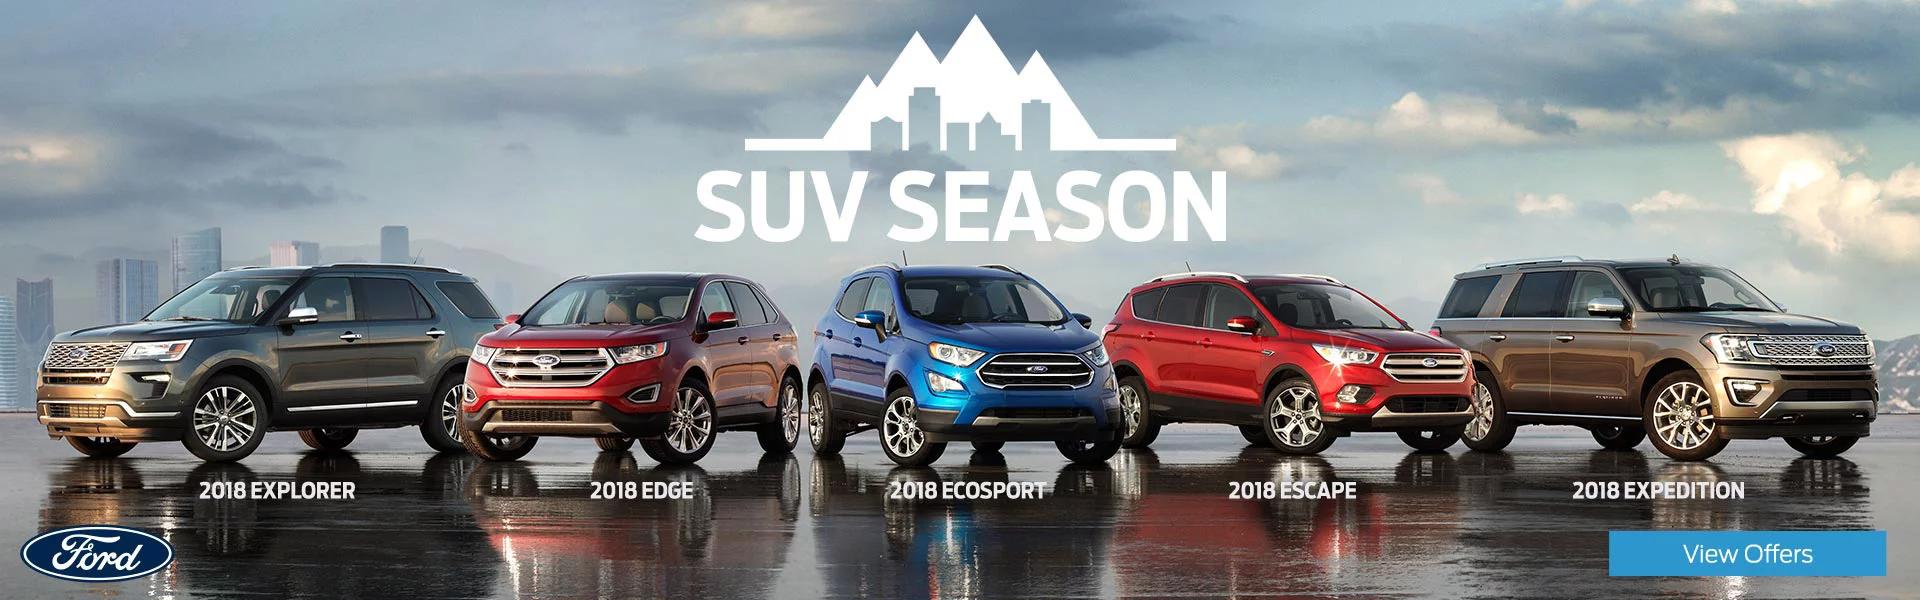 SUV Season Banner